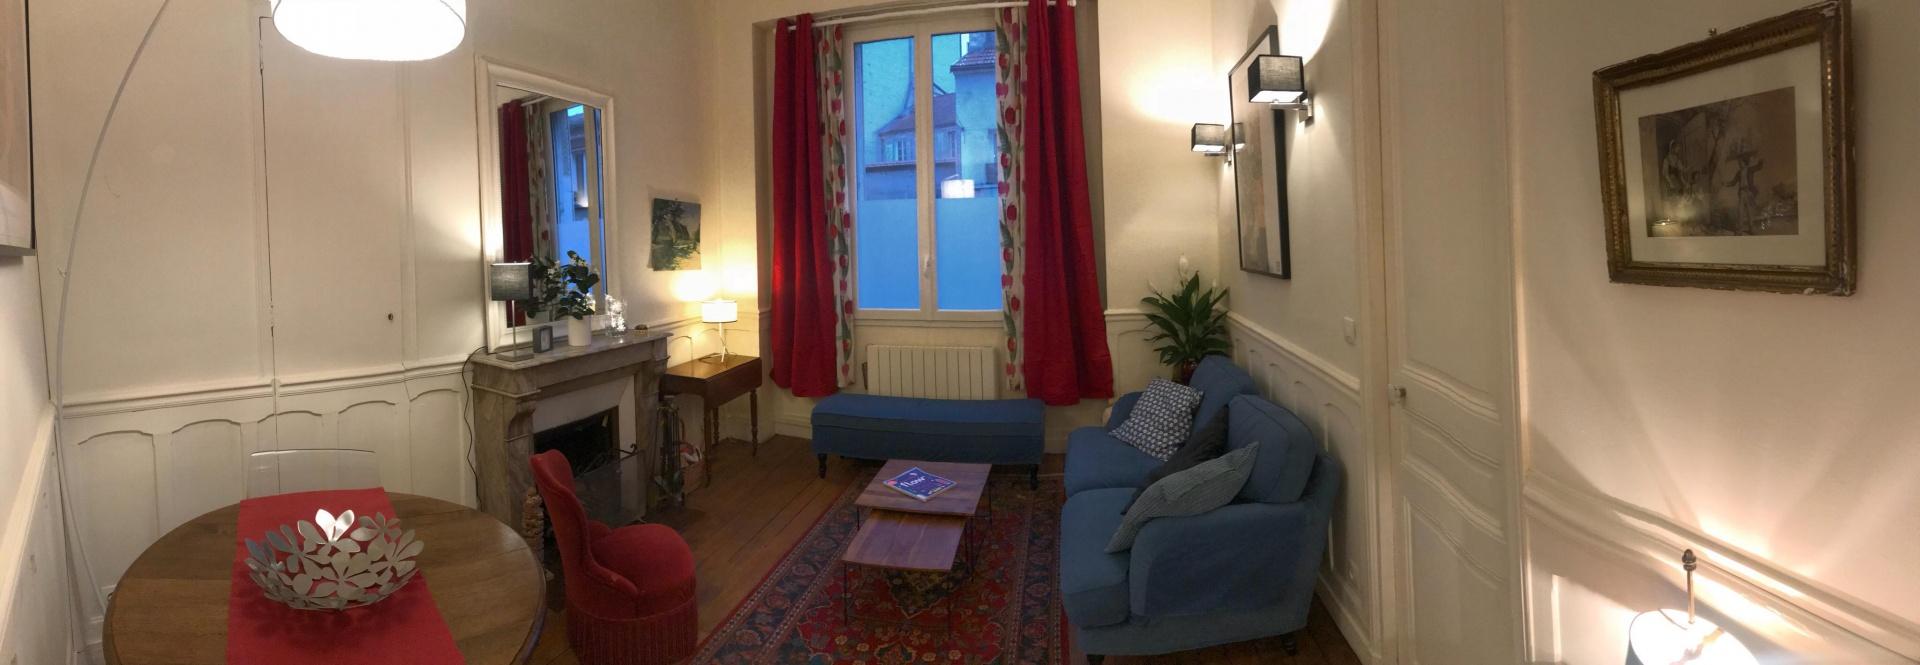 Appartement 3 pièce(s) 66 m2